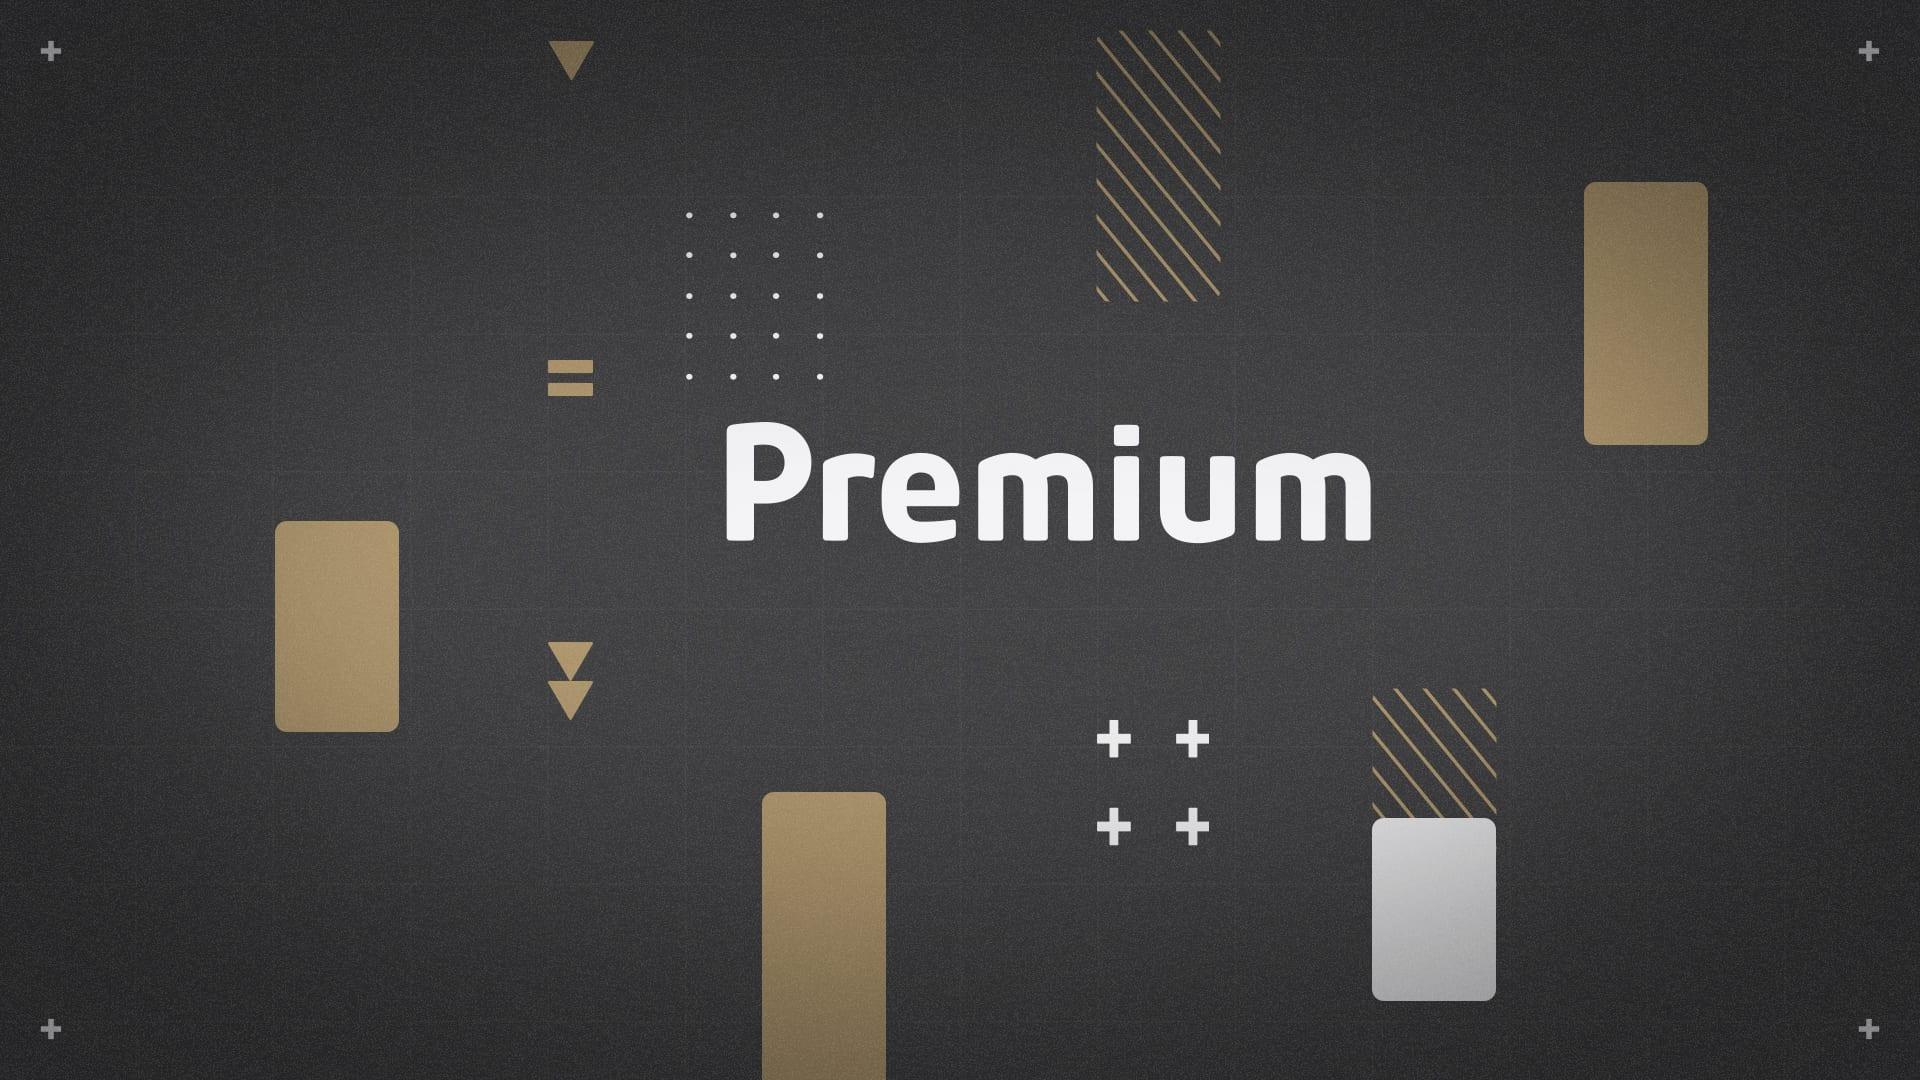 B18 – well, Premium